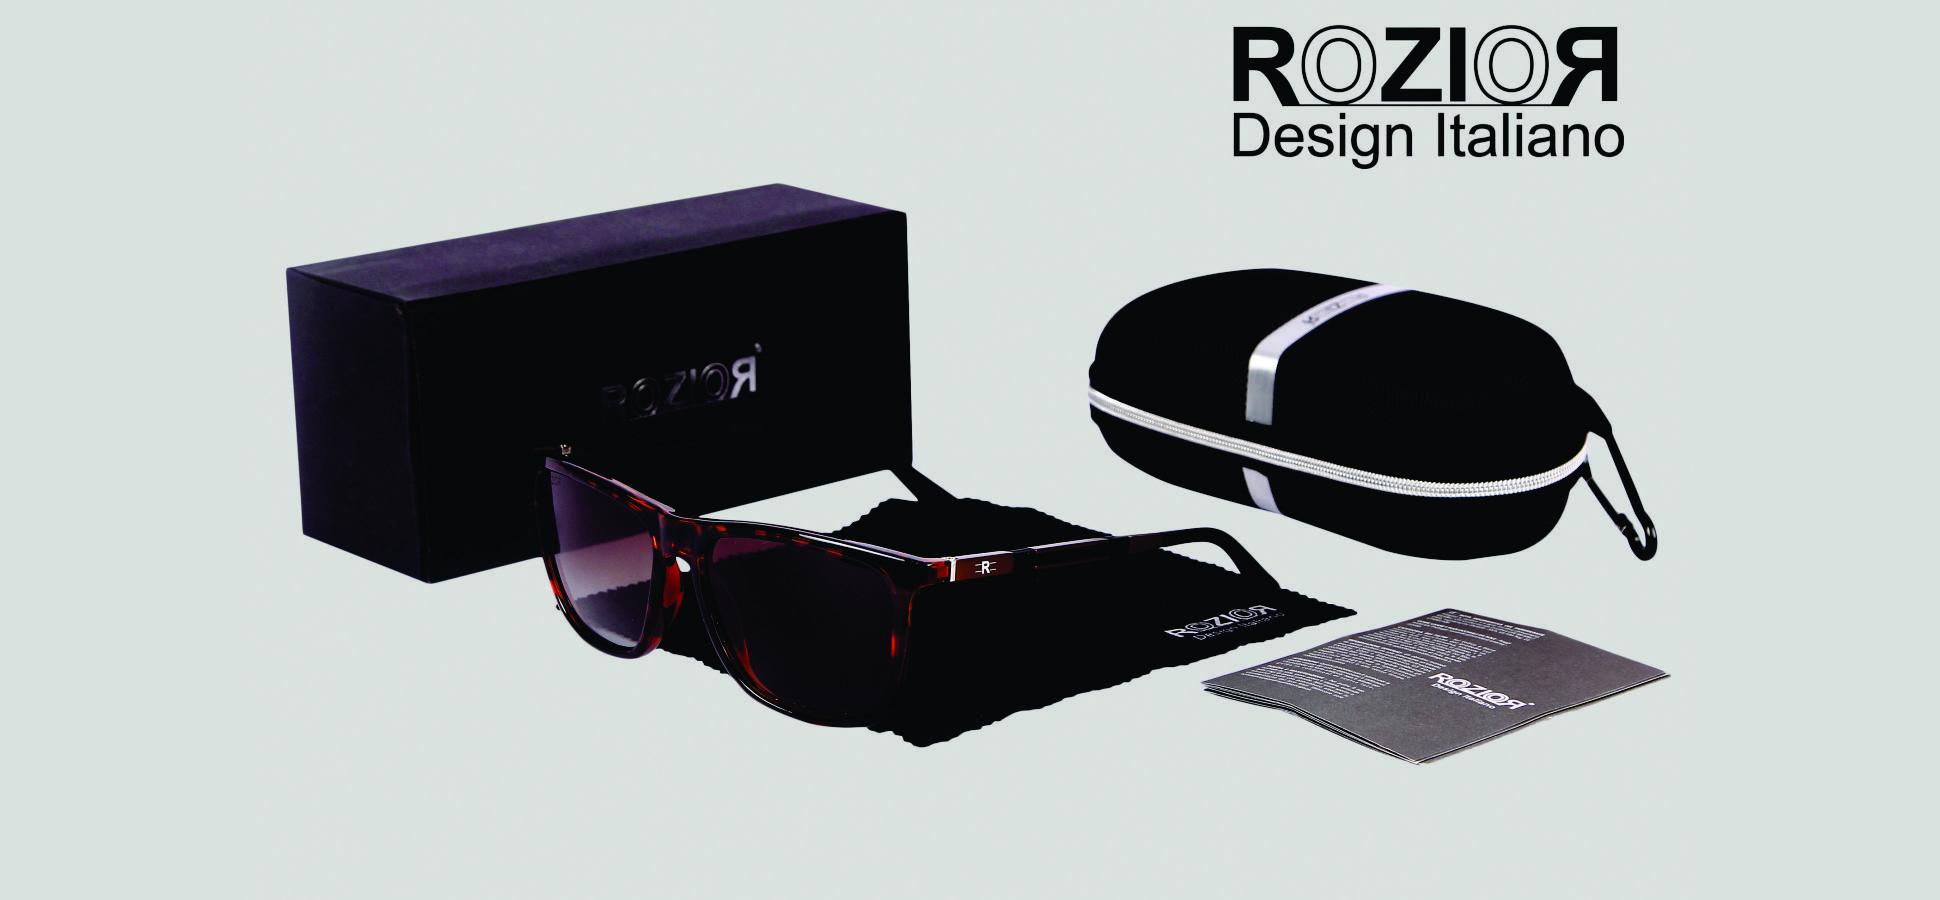 ROZIOR RWP11151C5 5. Design Italiano